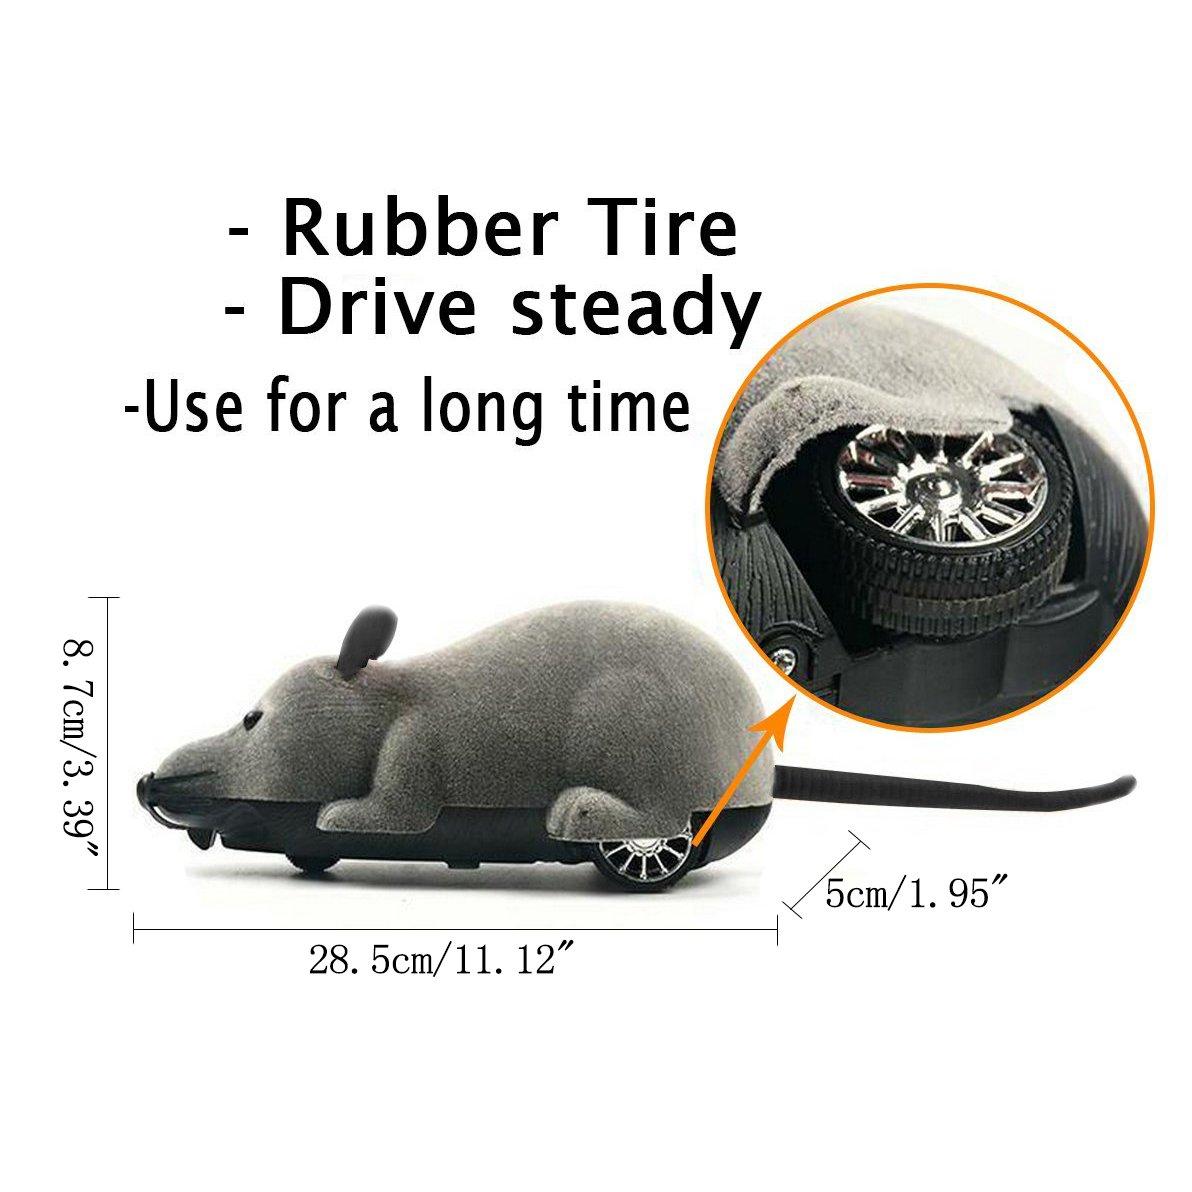 Juguete para ratas, Scoolr RC divertido mando a distancia inalámbrico ratón ratón, juguete para mascotas para gatos, perros, mascotas y niños: Amazon.es: ...